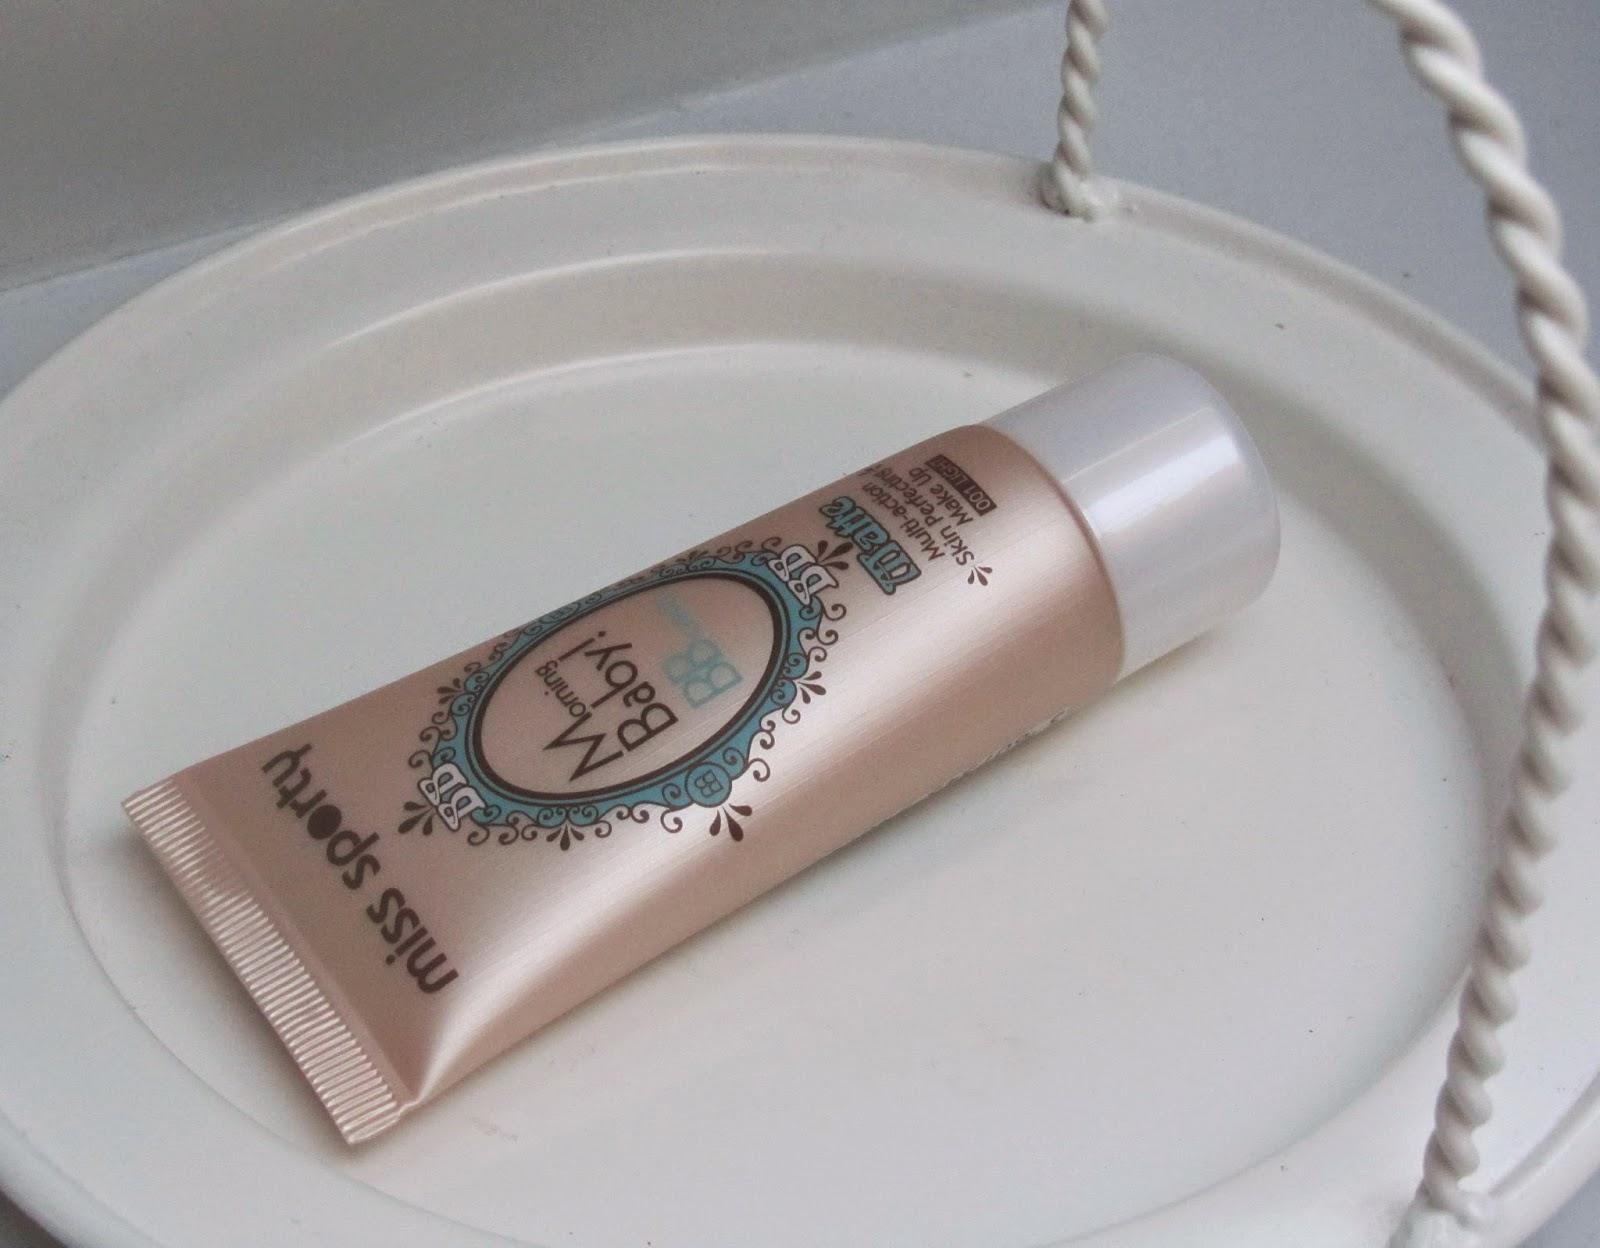 is bb cream slecht voor je huid